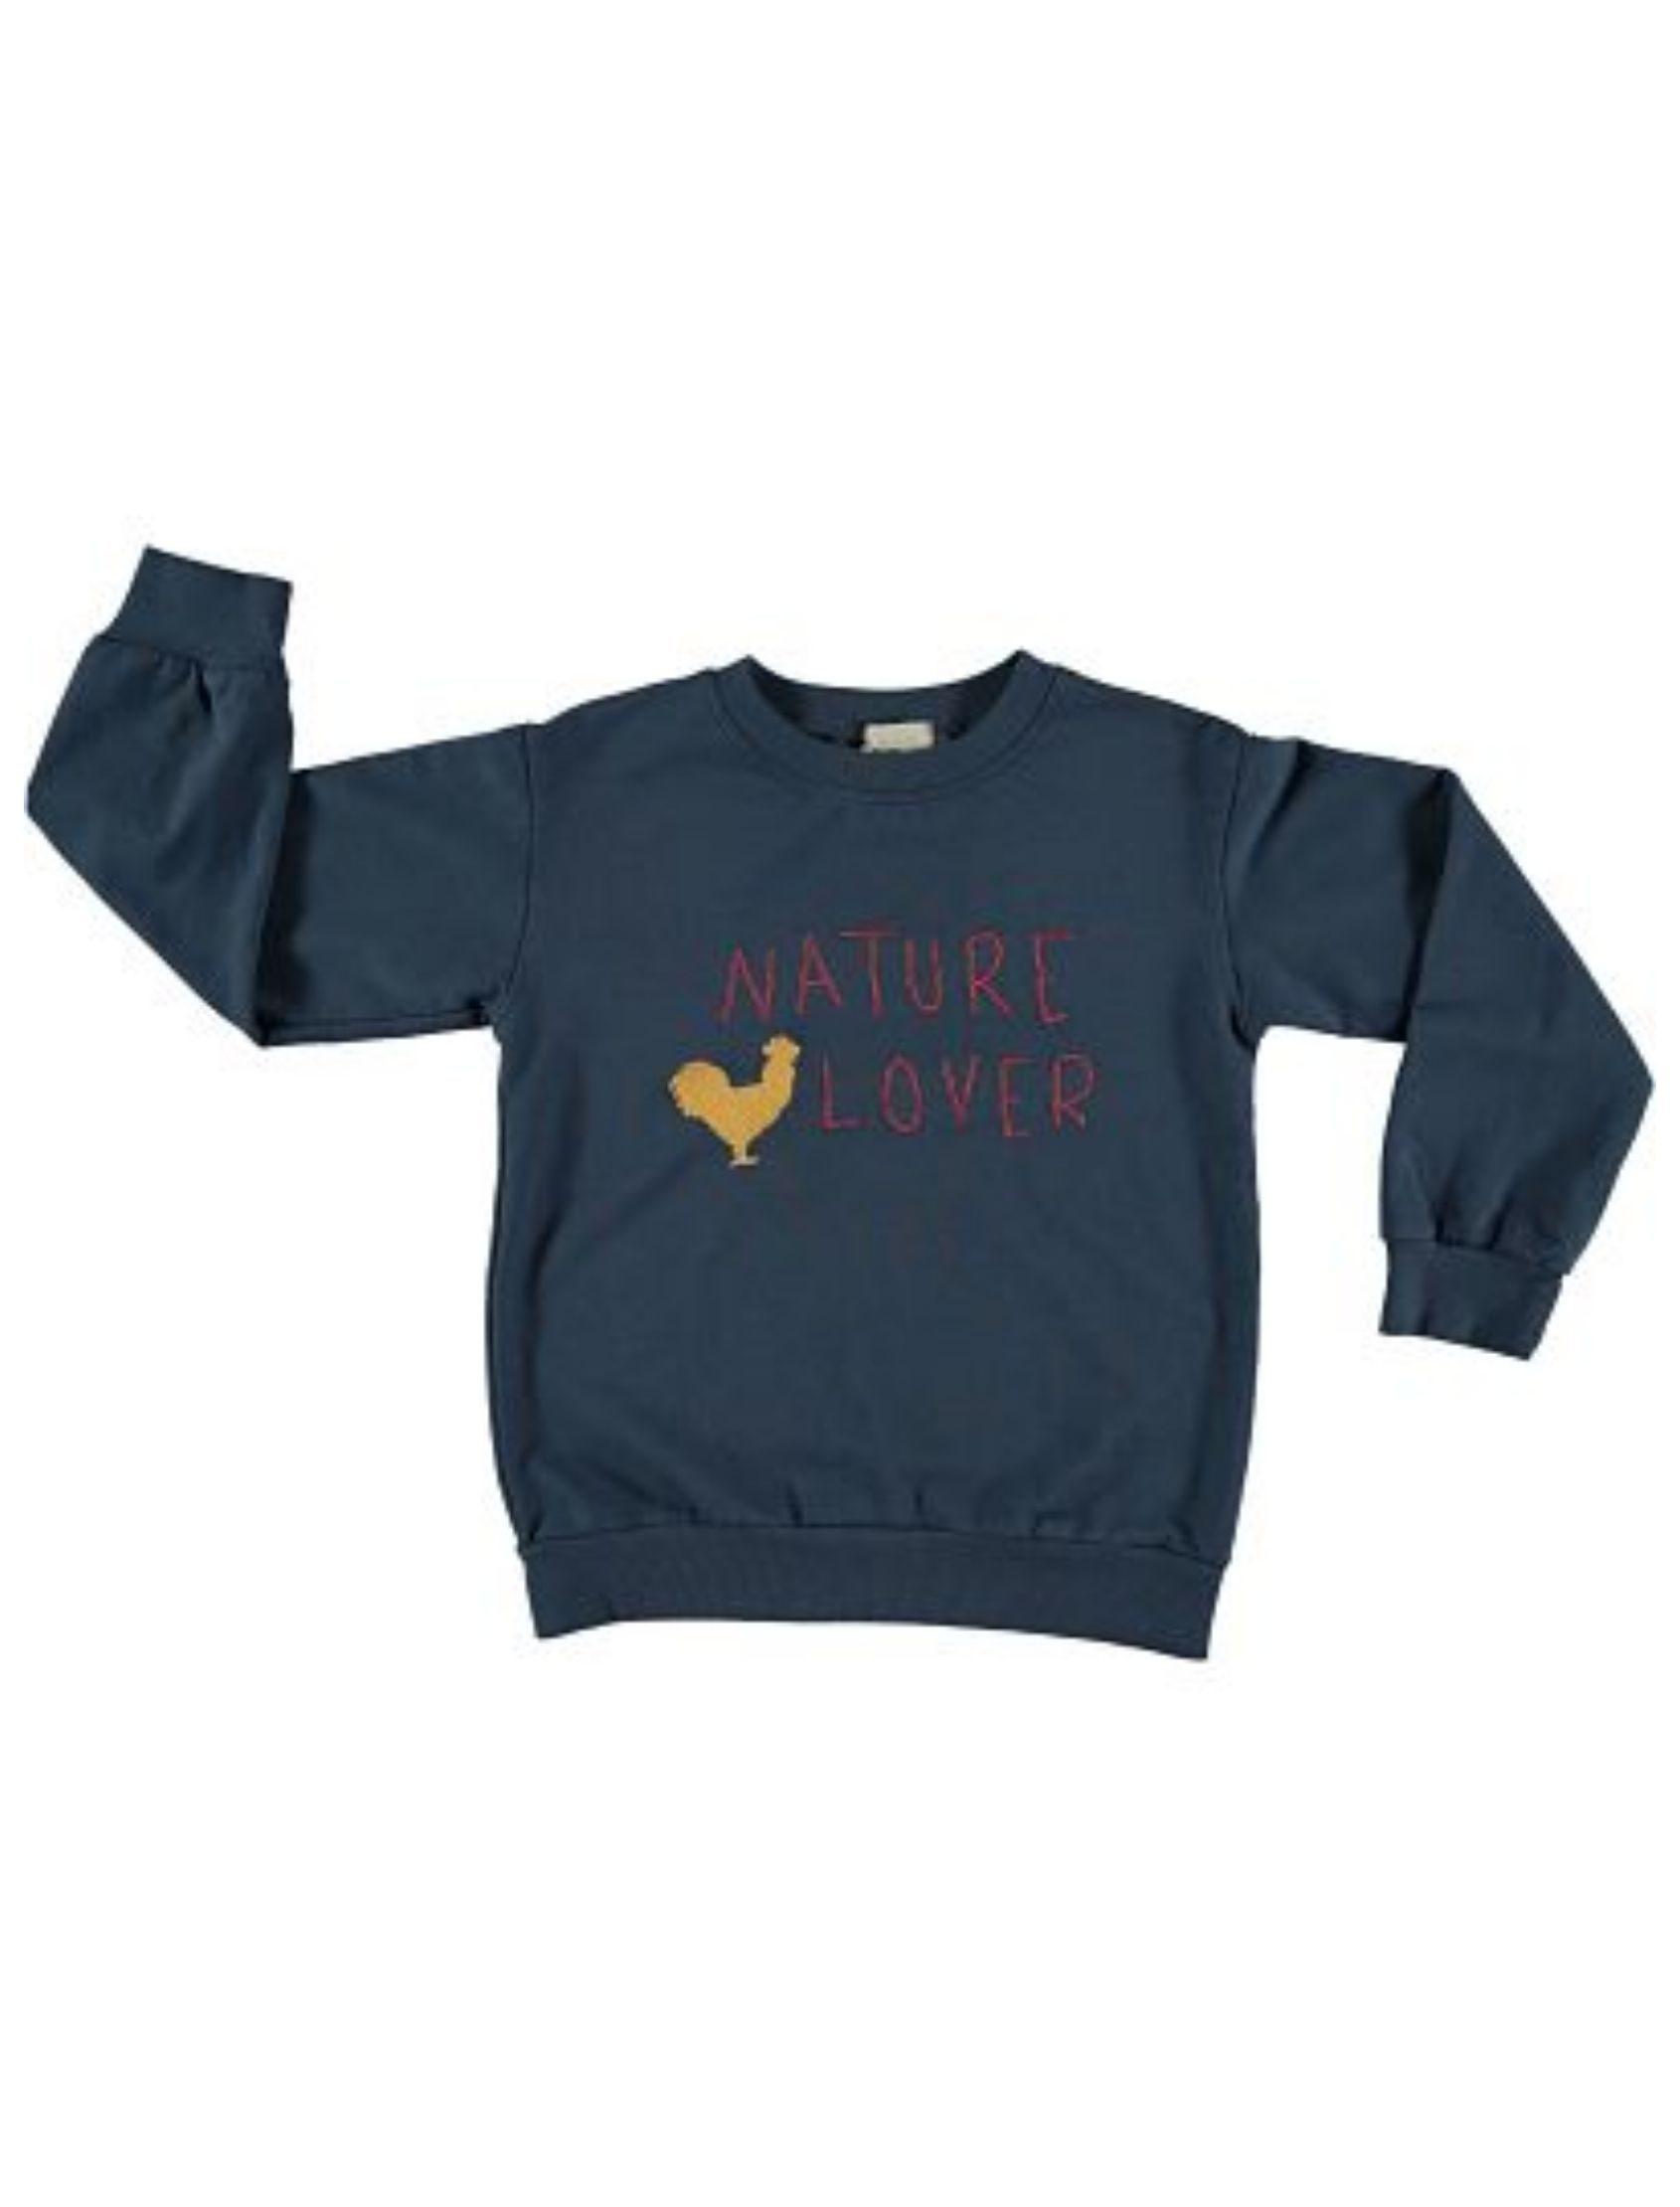 suadera infantil azul con mensaje nature lover y dibujo de gallo de piñata pum